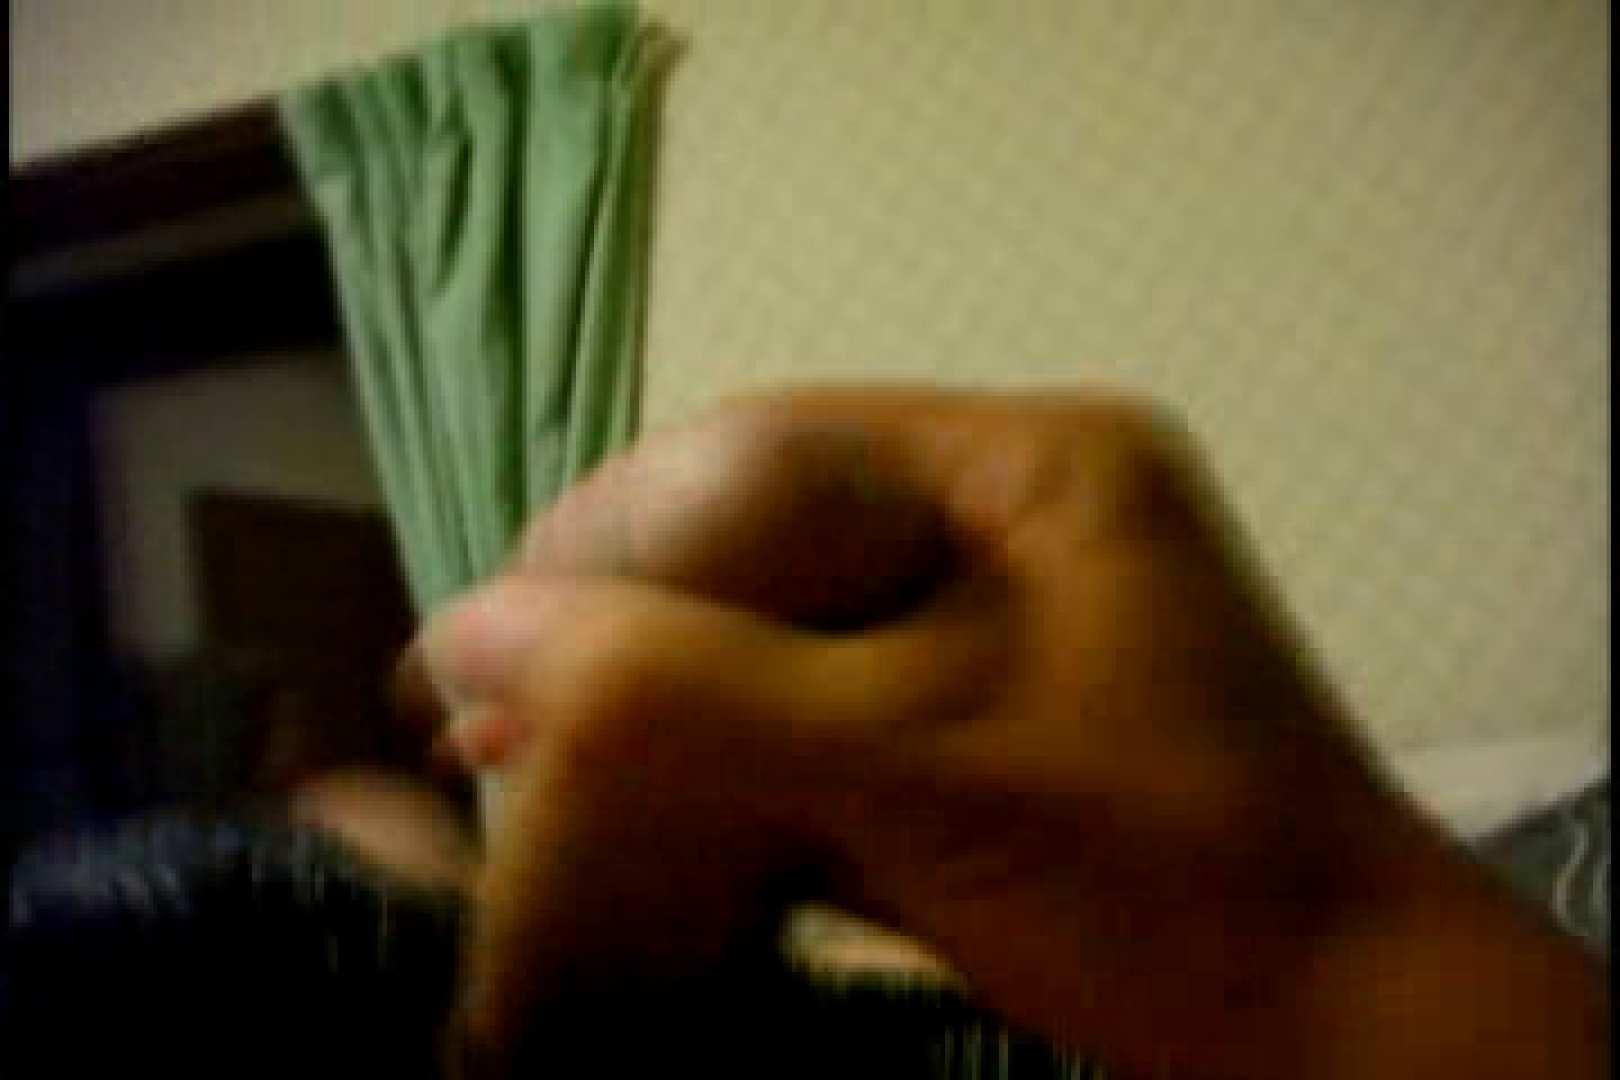 オナ好きノンケテニス部員の自画撮り投稿vol.05 オナニー専門男子 ゲイエロ動画 76画像 32